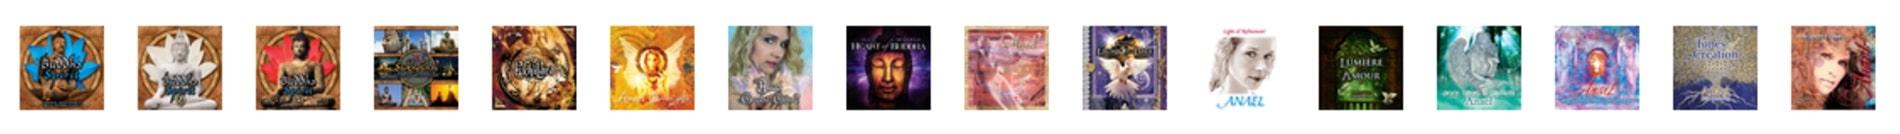 Bande Albums Anael cover